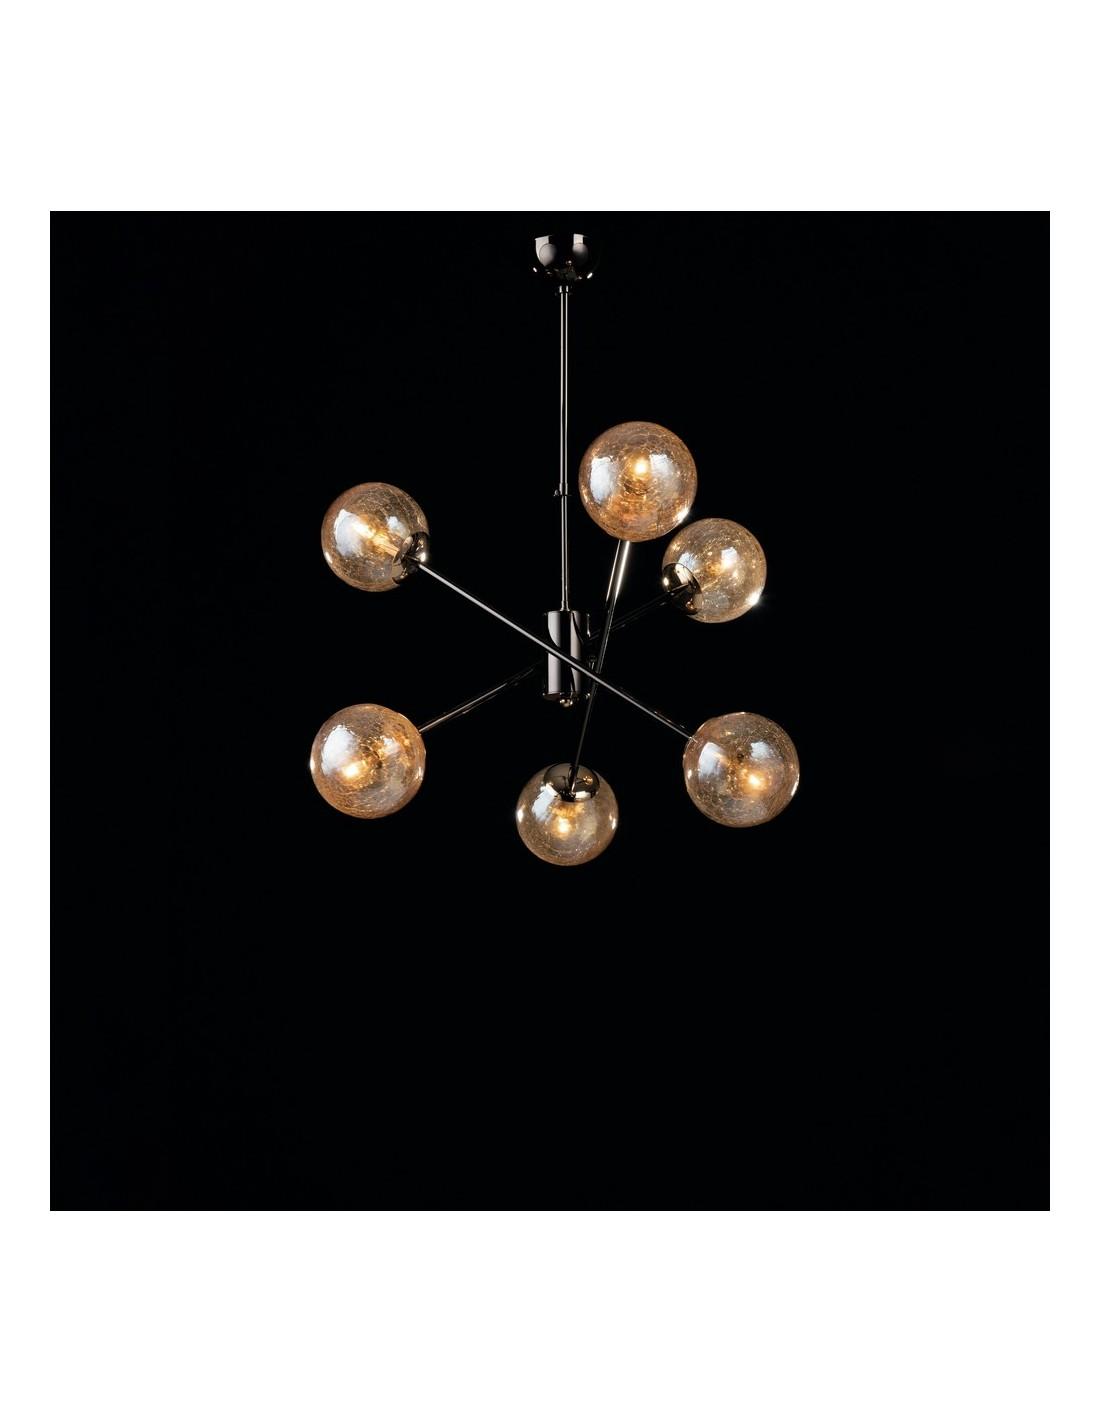 Visualizza altre idee su lampadari, vetro di murano, lampadario in vetro. Lampadario A Sospensione Moderno Nero Con Sfere Tresor Bon 185